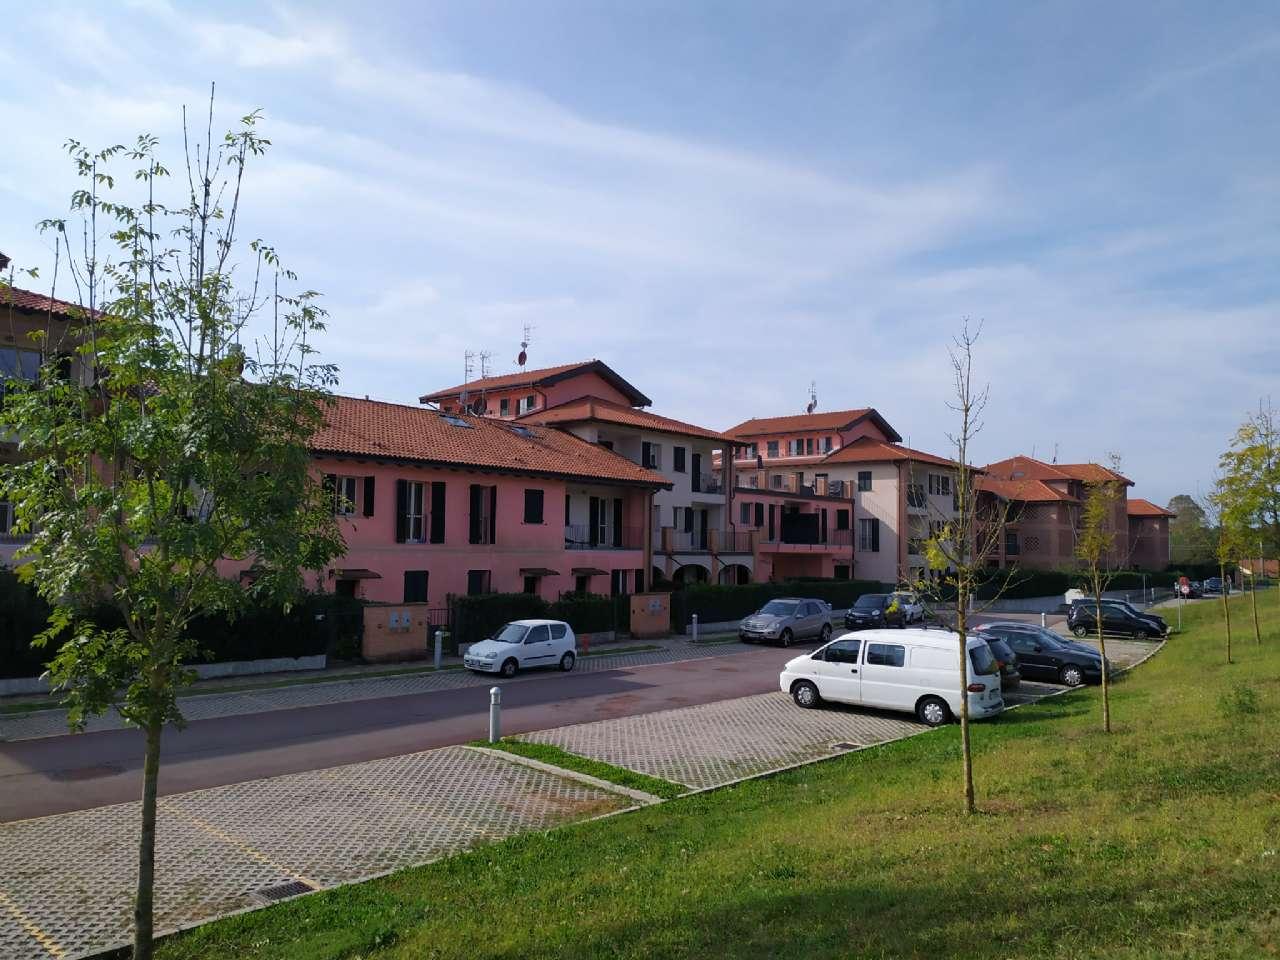 Lissago - Calcinate - Trilocale con grande terrazzo e box, foto 2